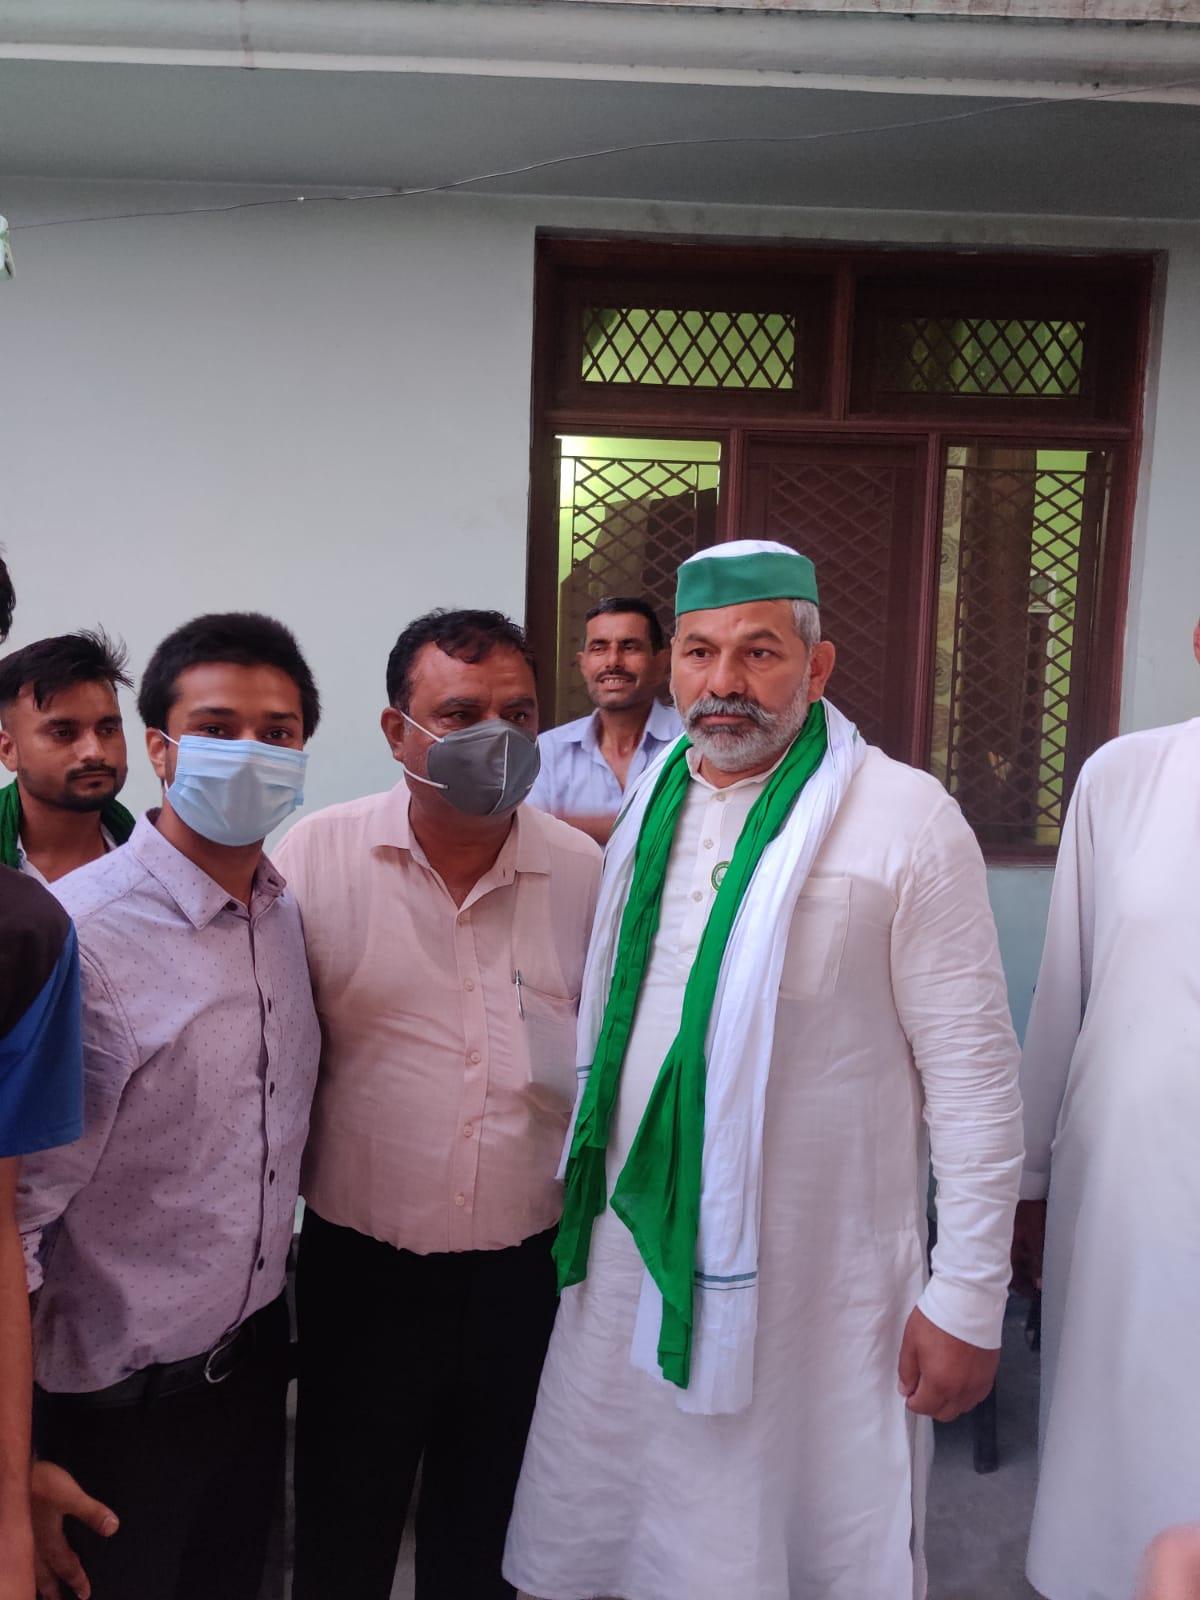 किसान नेता राकेश टिकैत से मिले वरिष्ठ अधिवक्ता नागेश त्रिपाठी, समस्याओं से कराया अवगत